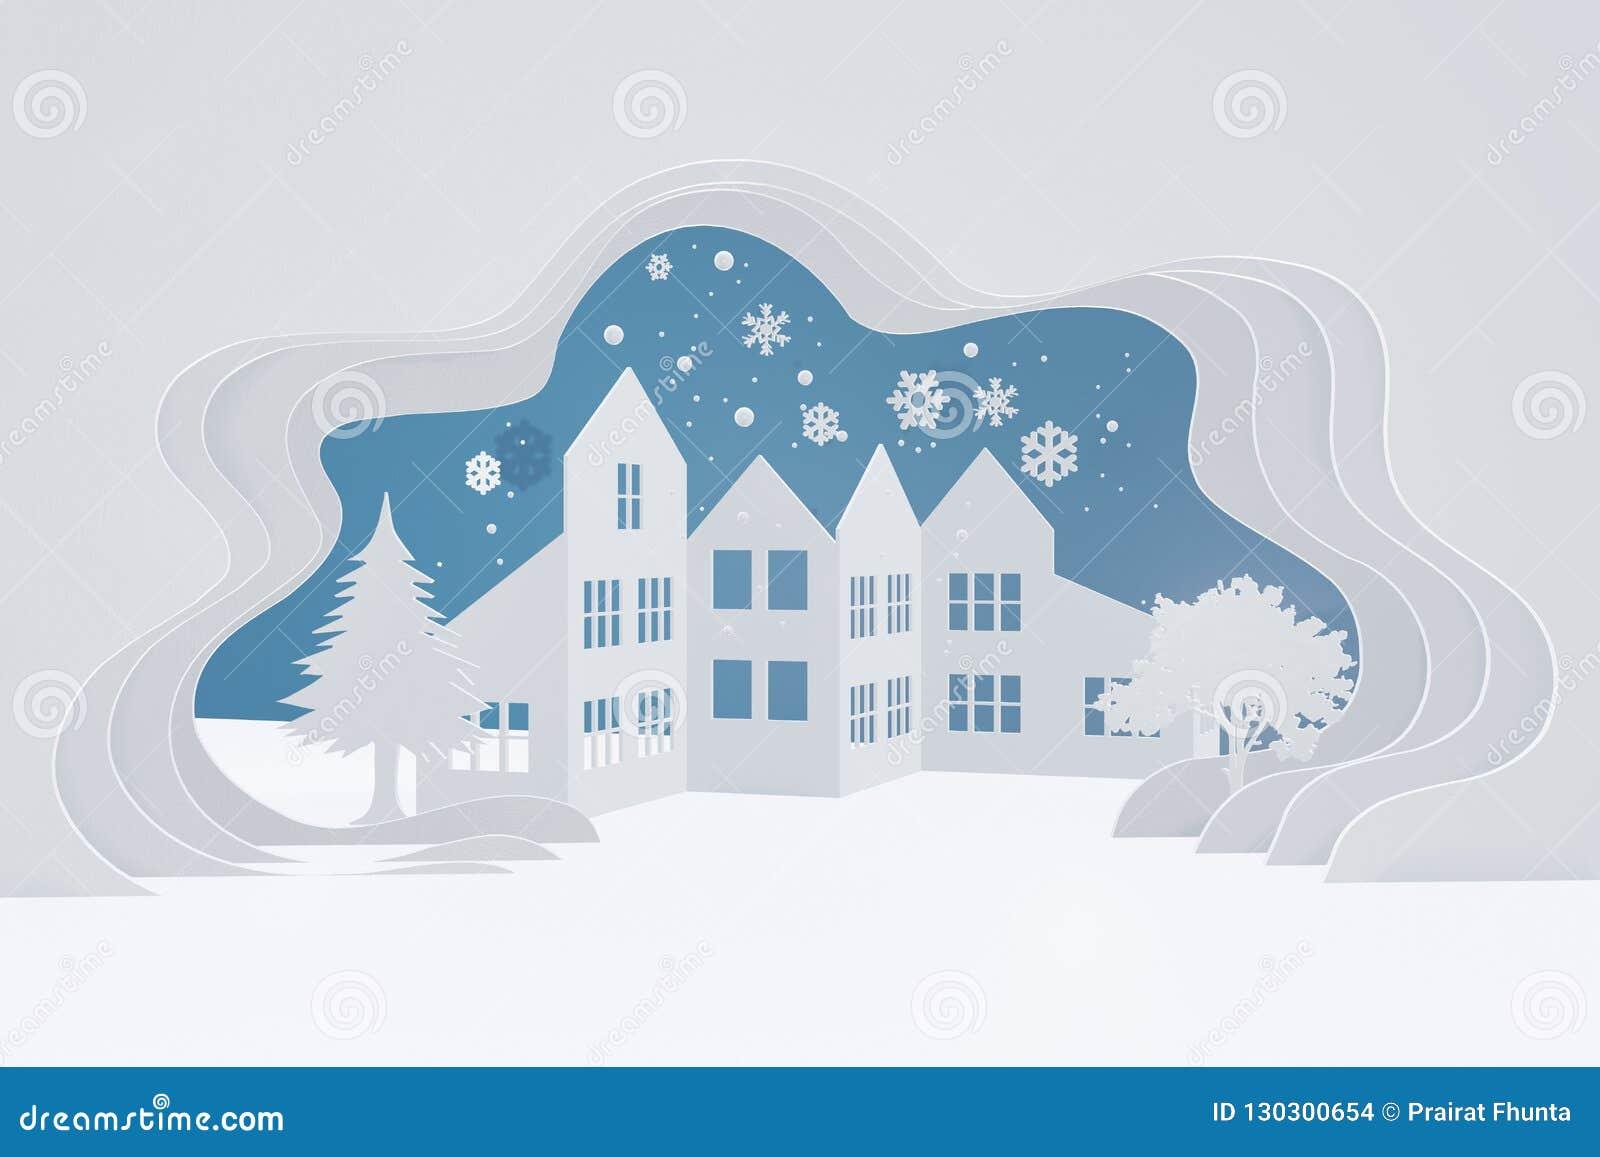 Glad jul och lyckligt nytt år, stads- bygdlandskap för snö, stadsby med kopieringsutrymme